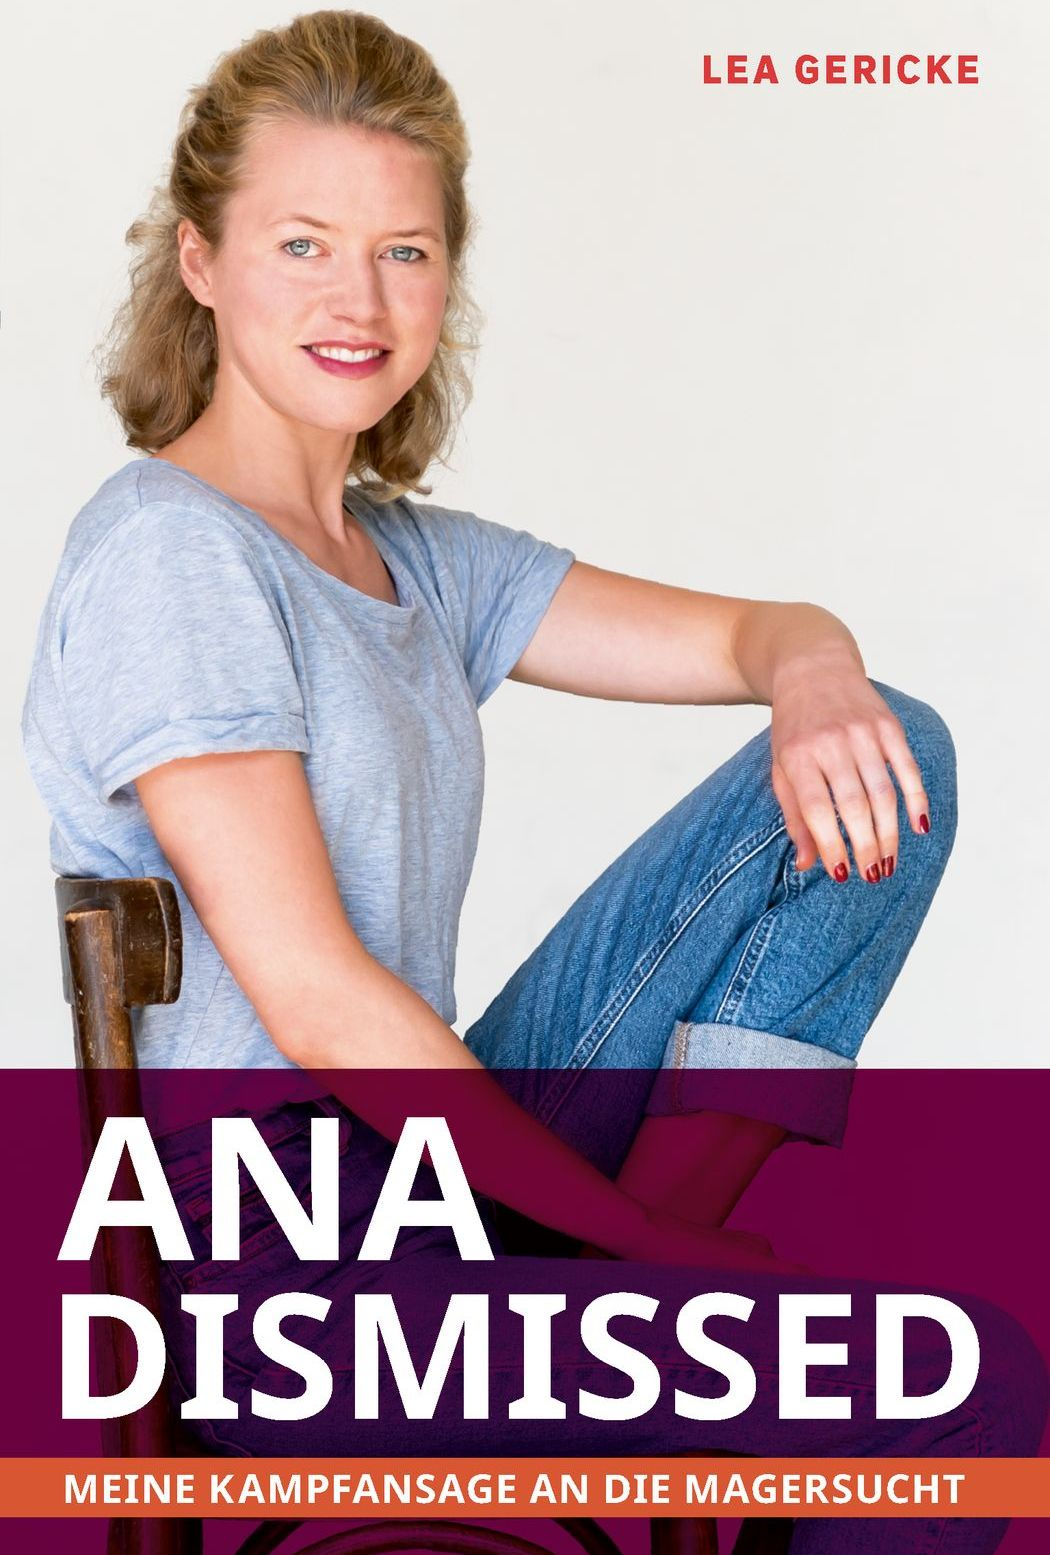 Lea Gericke: Ana Dismissed, Meine Kampfansage an die Magersucht